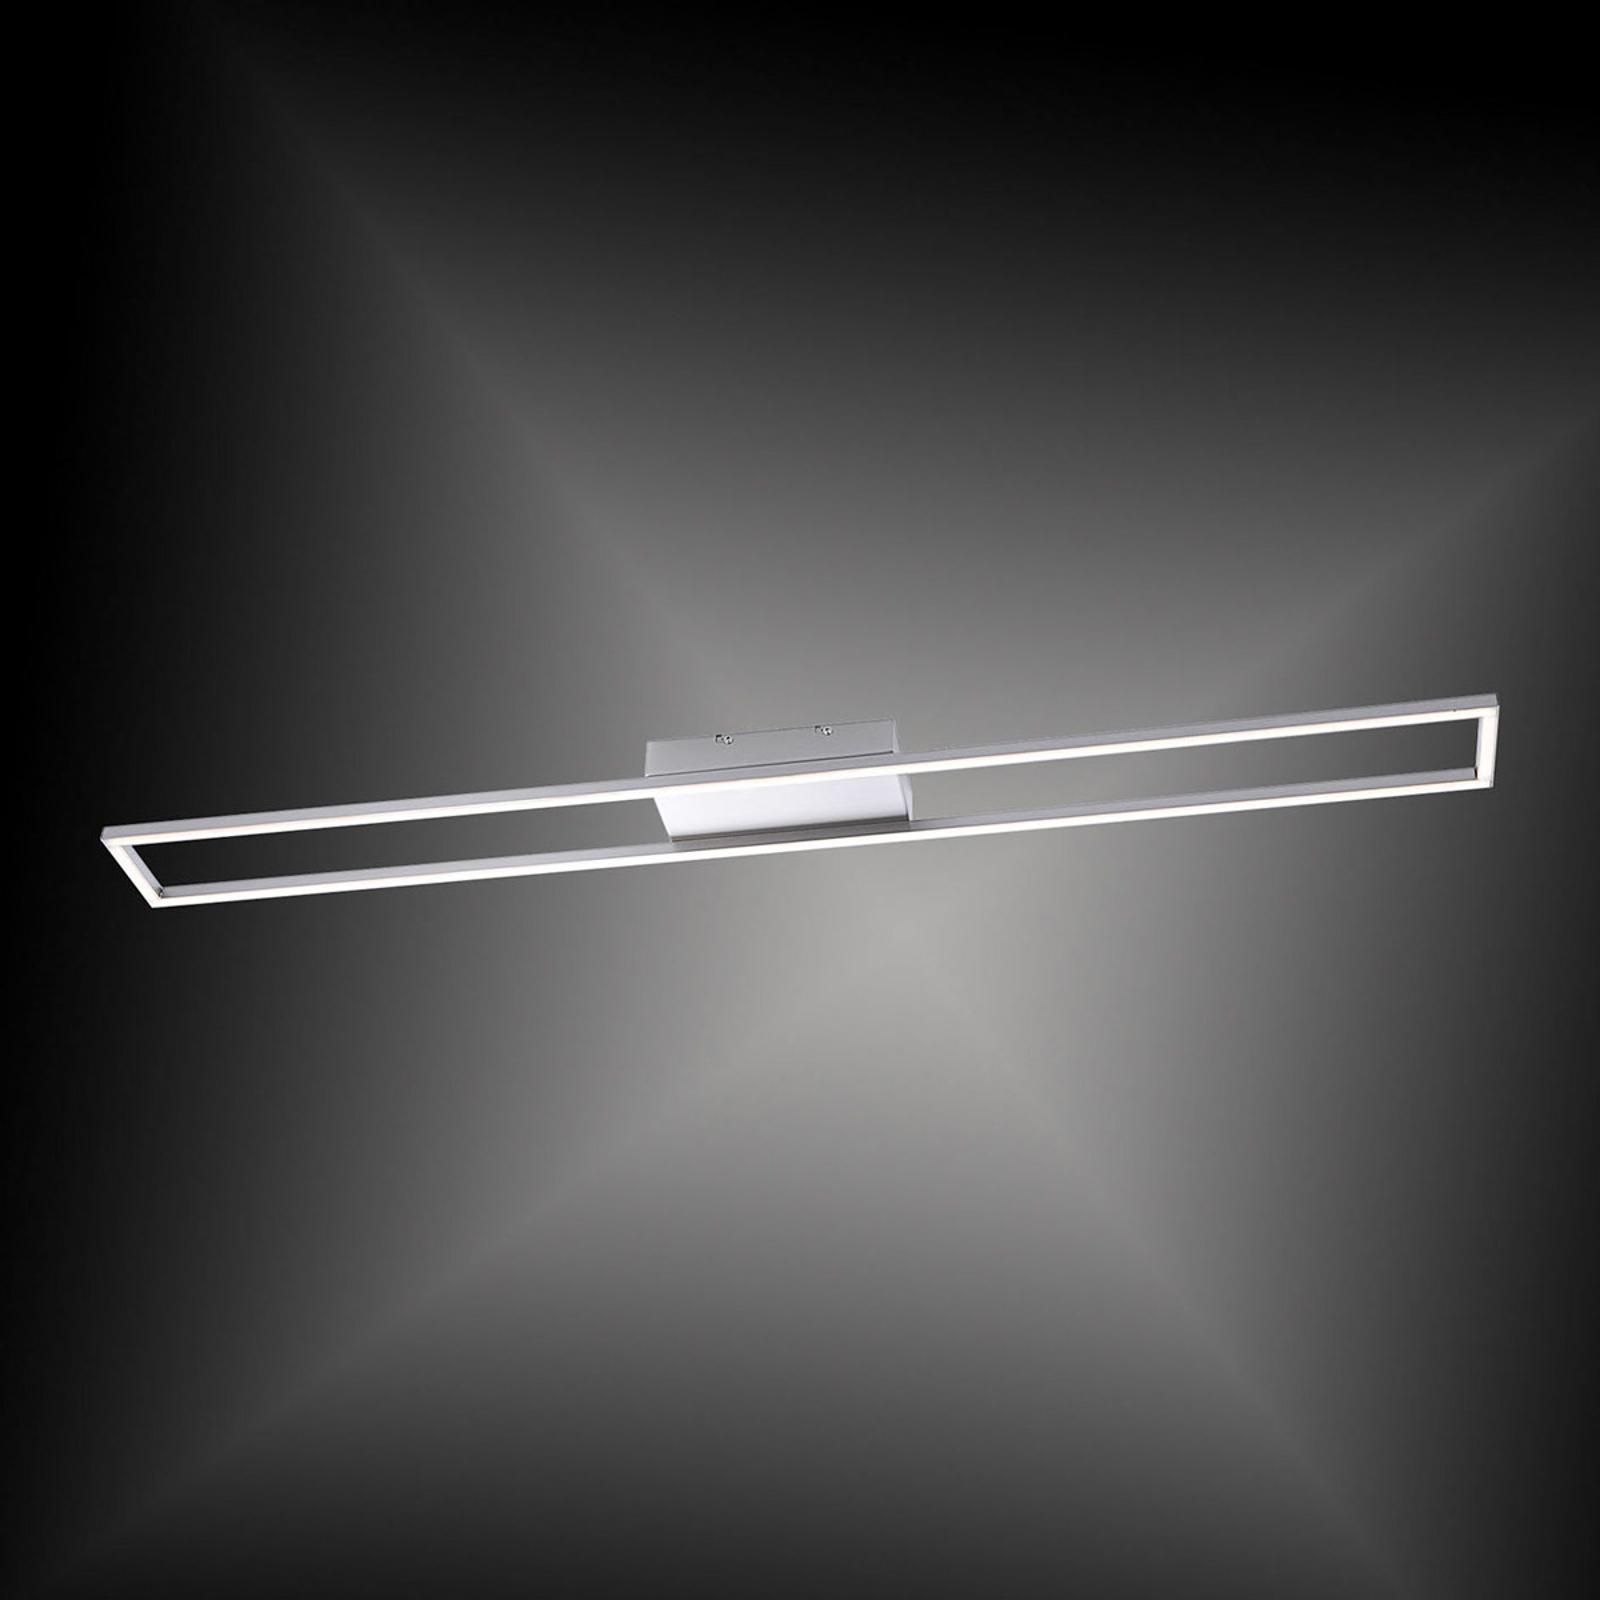 LED-kattovalaisin Inigo 110 cm